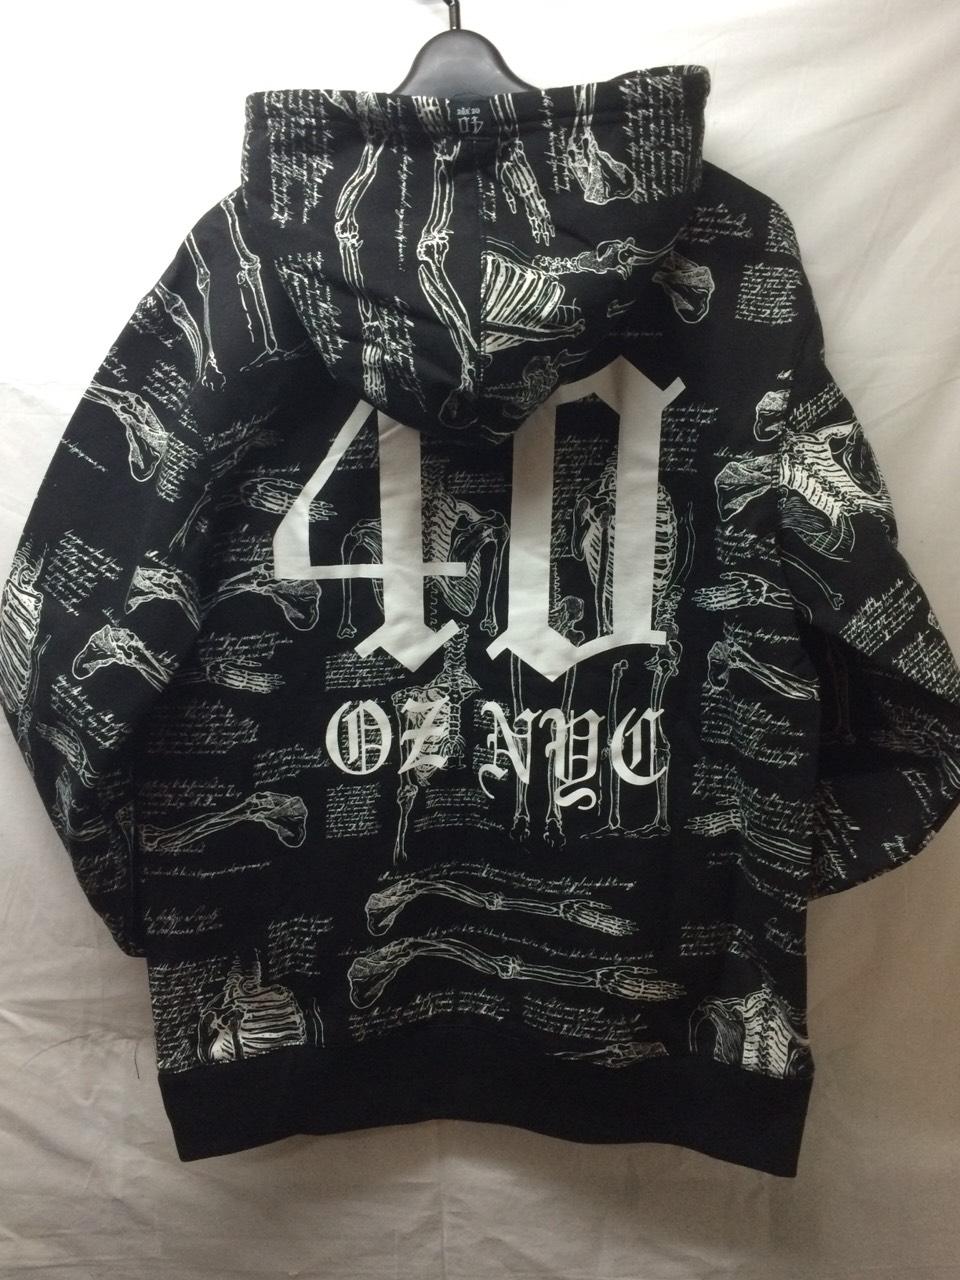 40oz_tops01